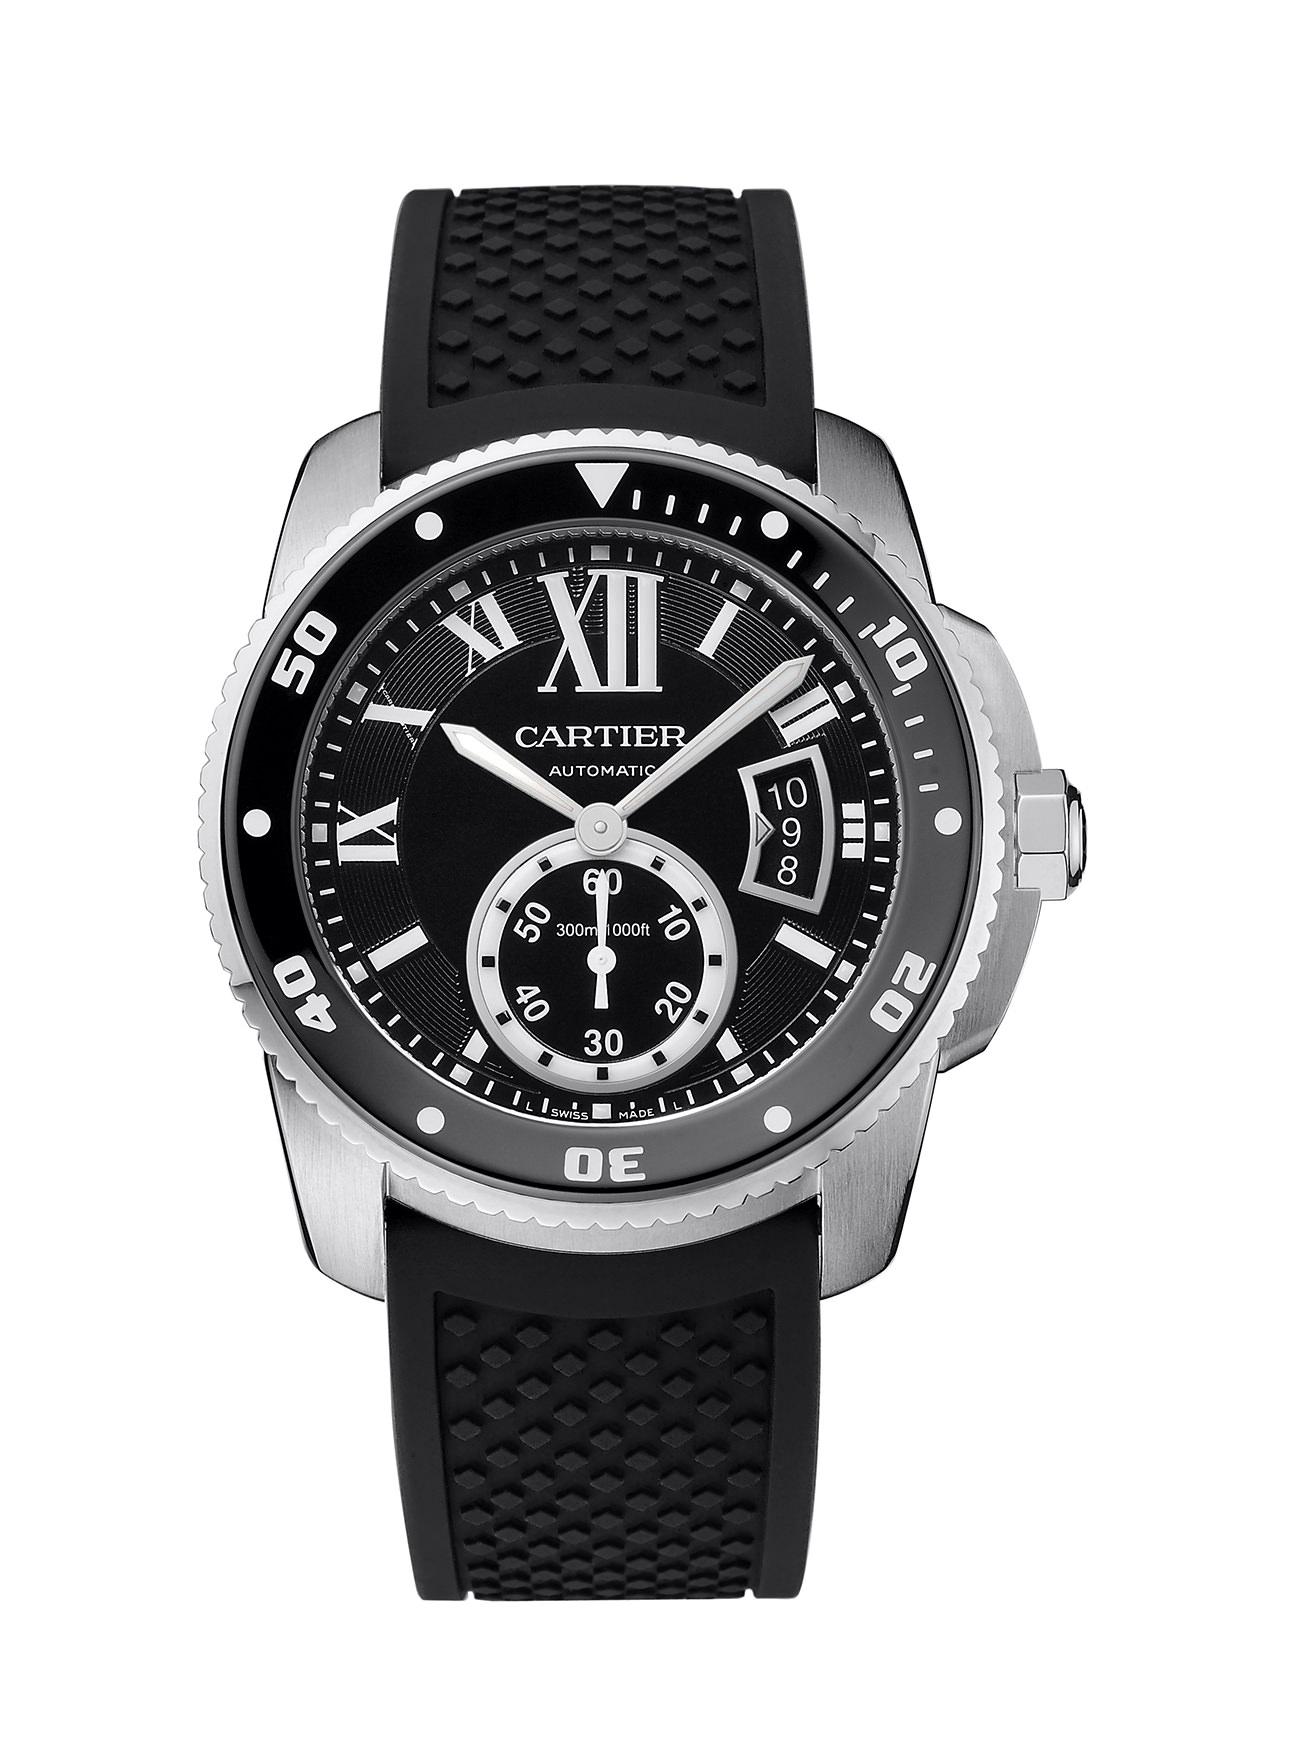 Calibre-Cartier-Diver-2